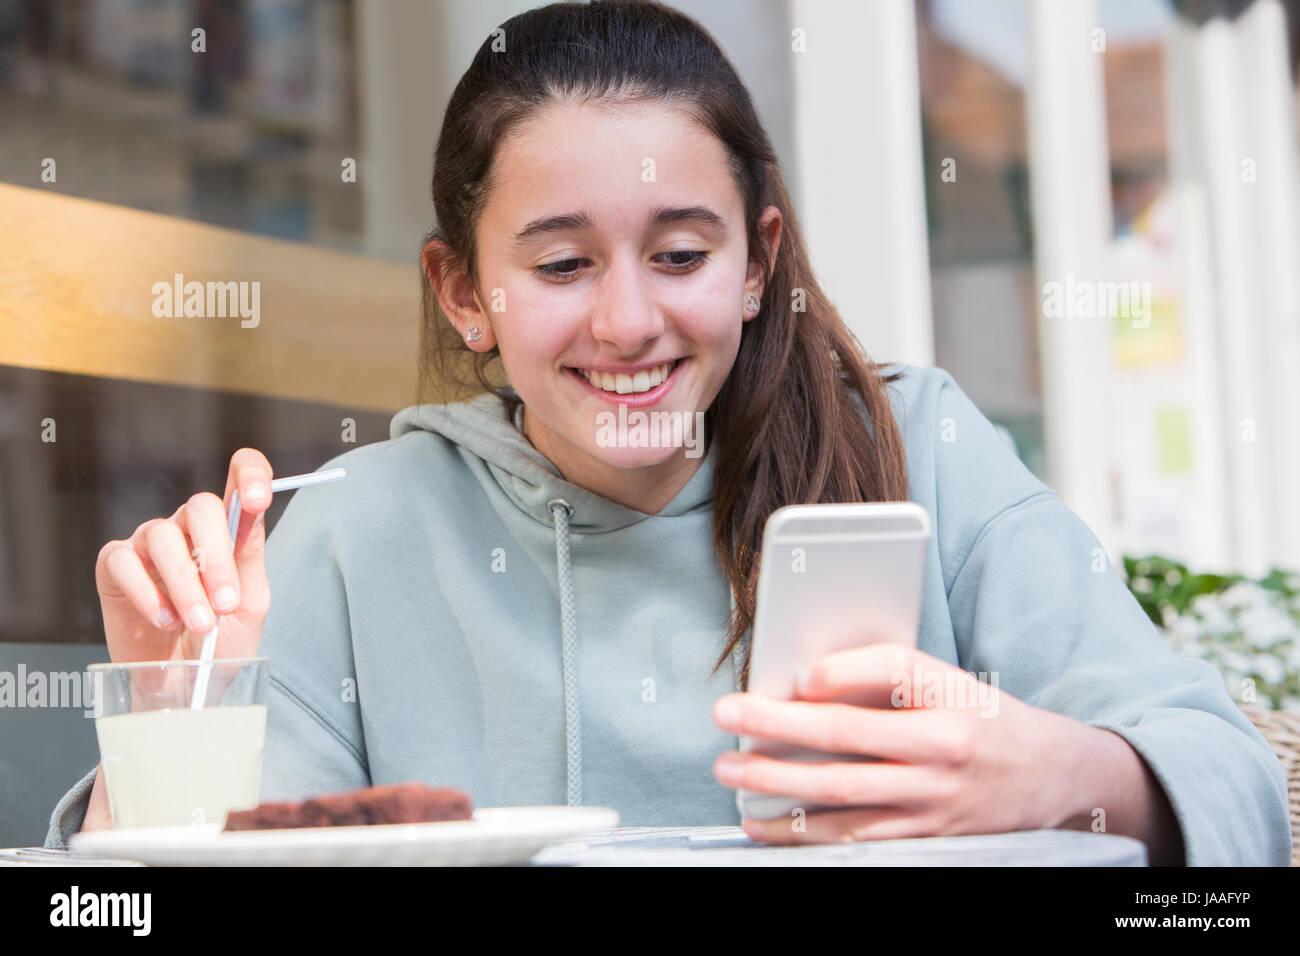 Jeune fille au Café Lecture Text Message On Mobile Phone Photo Stock